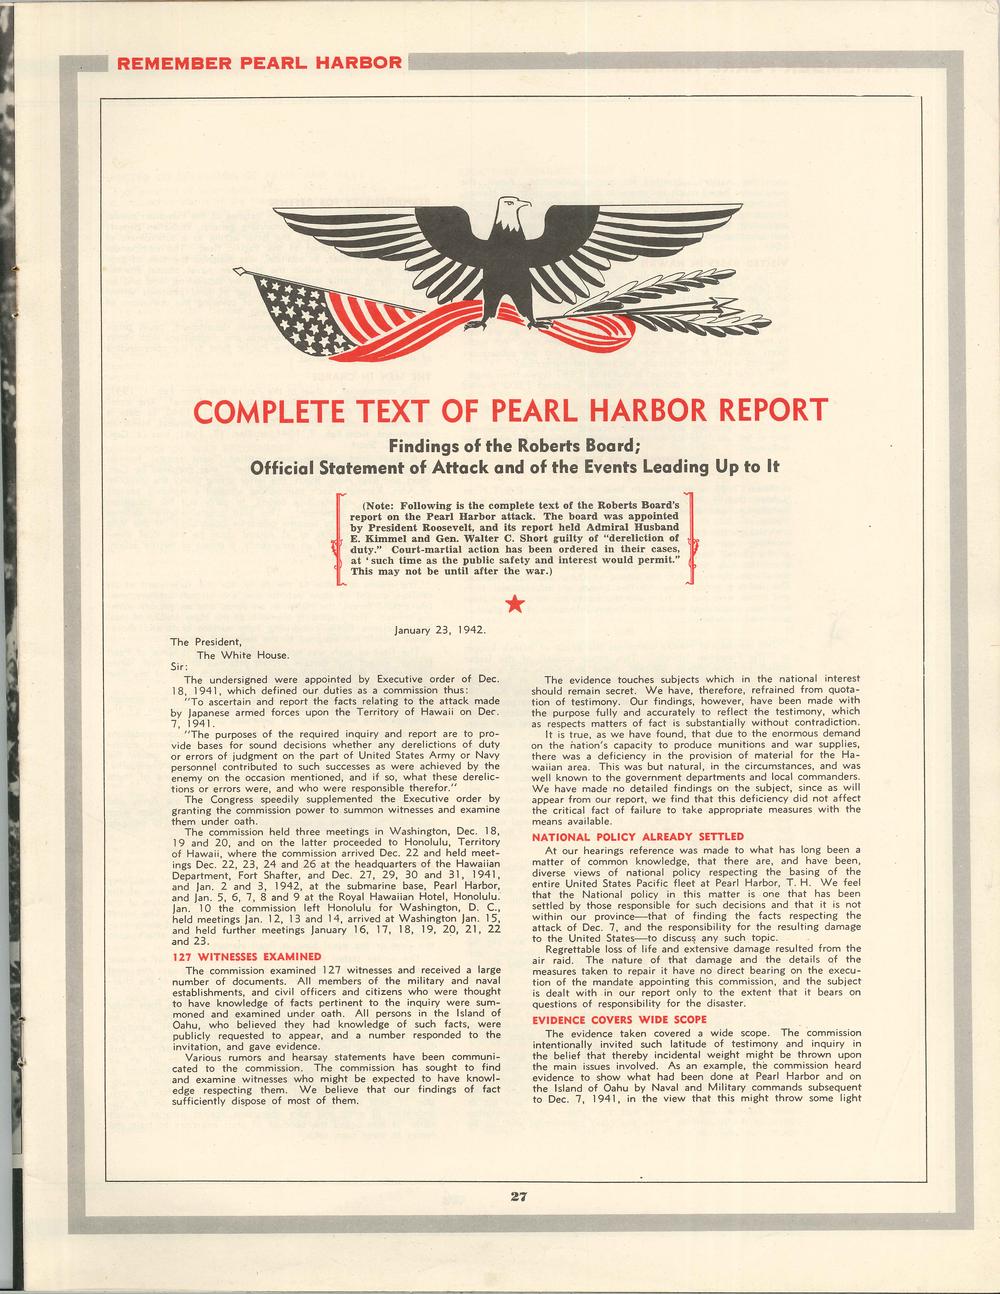 01 Pearl Harbor Report Pg 27.png